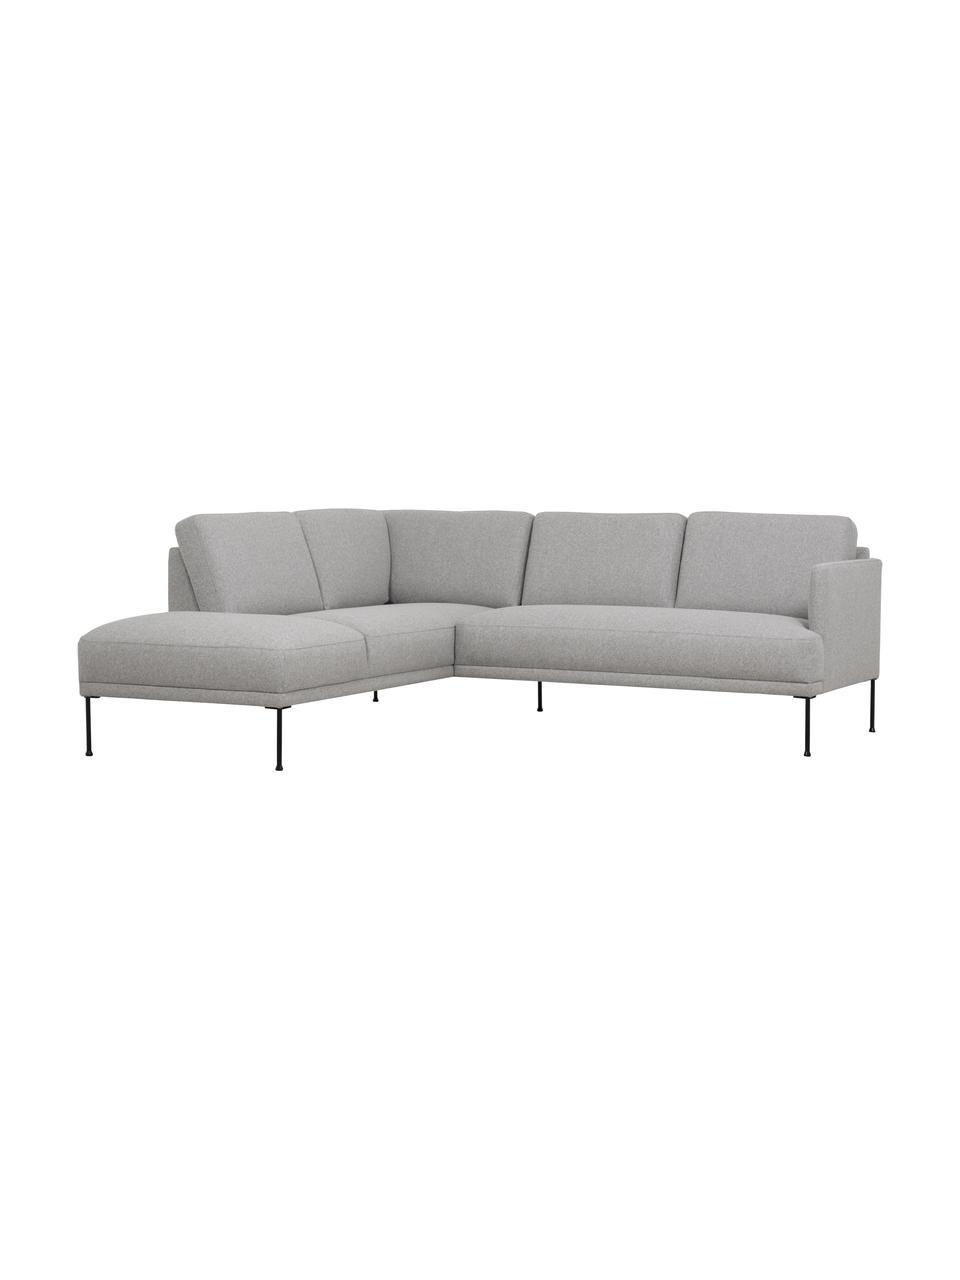 Sofa narożna z metalowymi nogami Fluente, Tapicerka: 80% poliester, 20% ramia , Nogi: metal malowany proszkowo, Jasny szary, S 221 x G 200 cm